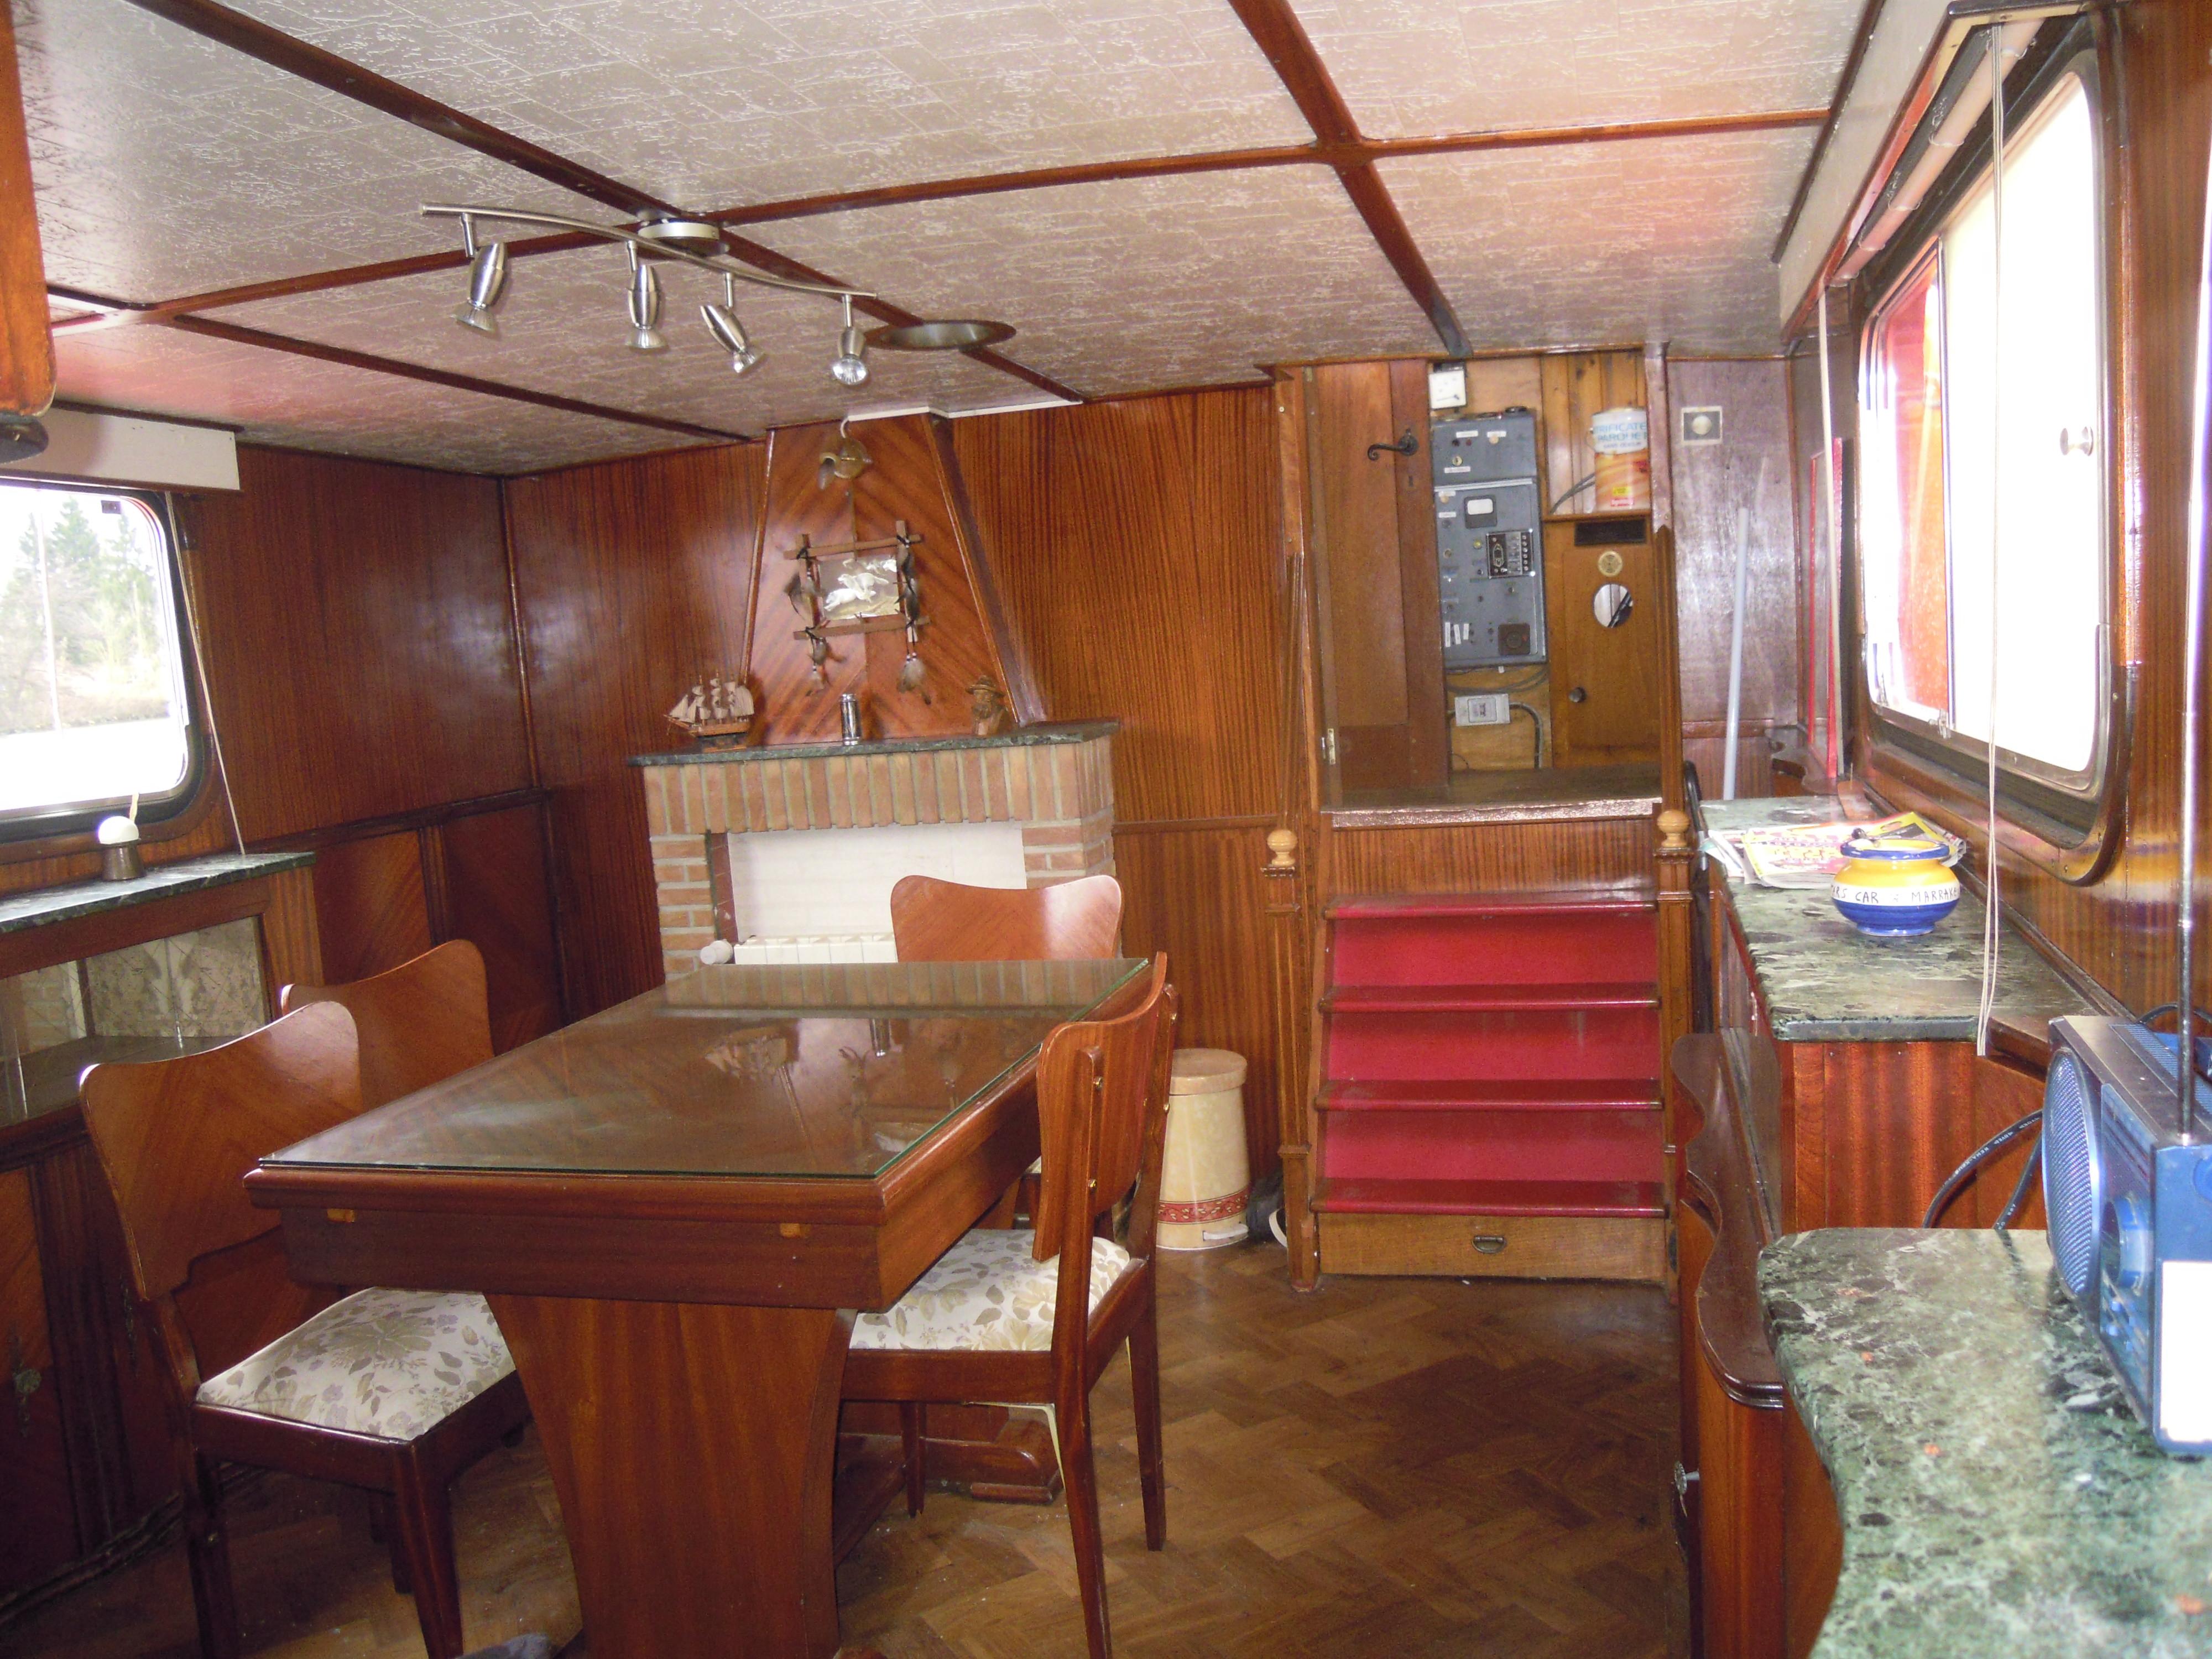 freycinet navigante am nag e 60 seine plus sp cialiste du bateau logement p niche d. Black Bedroom Furniture Sets. Home Design Ideas